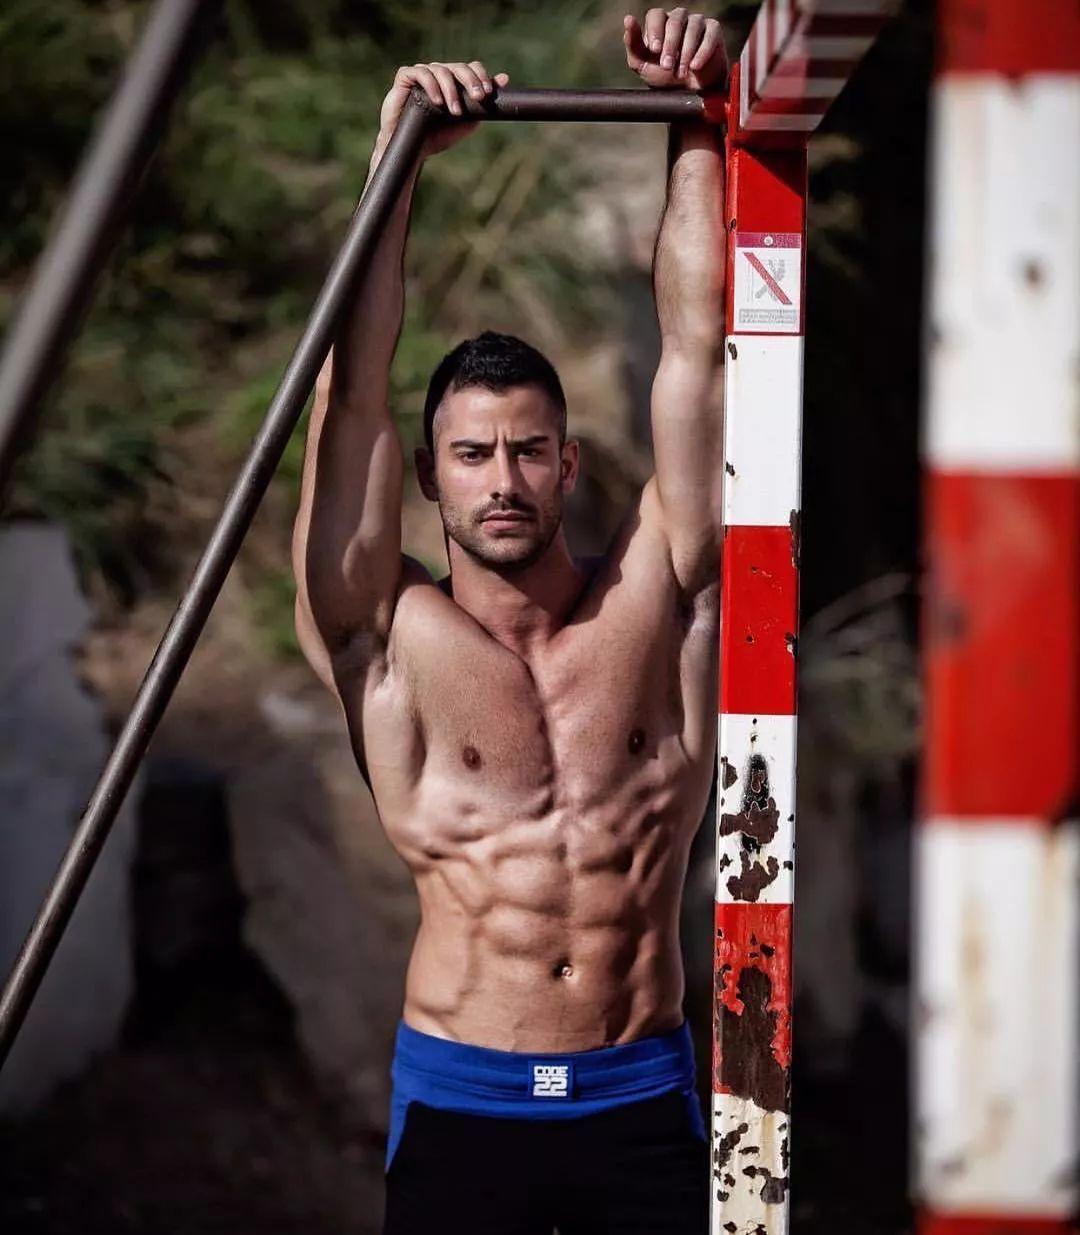 2018082109524199 - 国民老公级别西班牙男模:Jonathan Guijarro